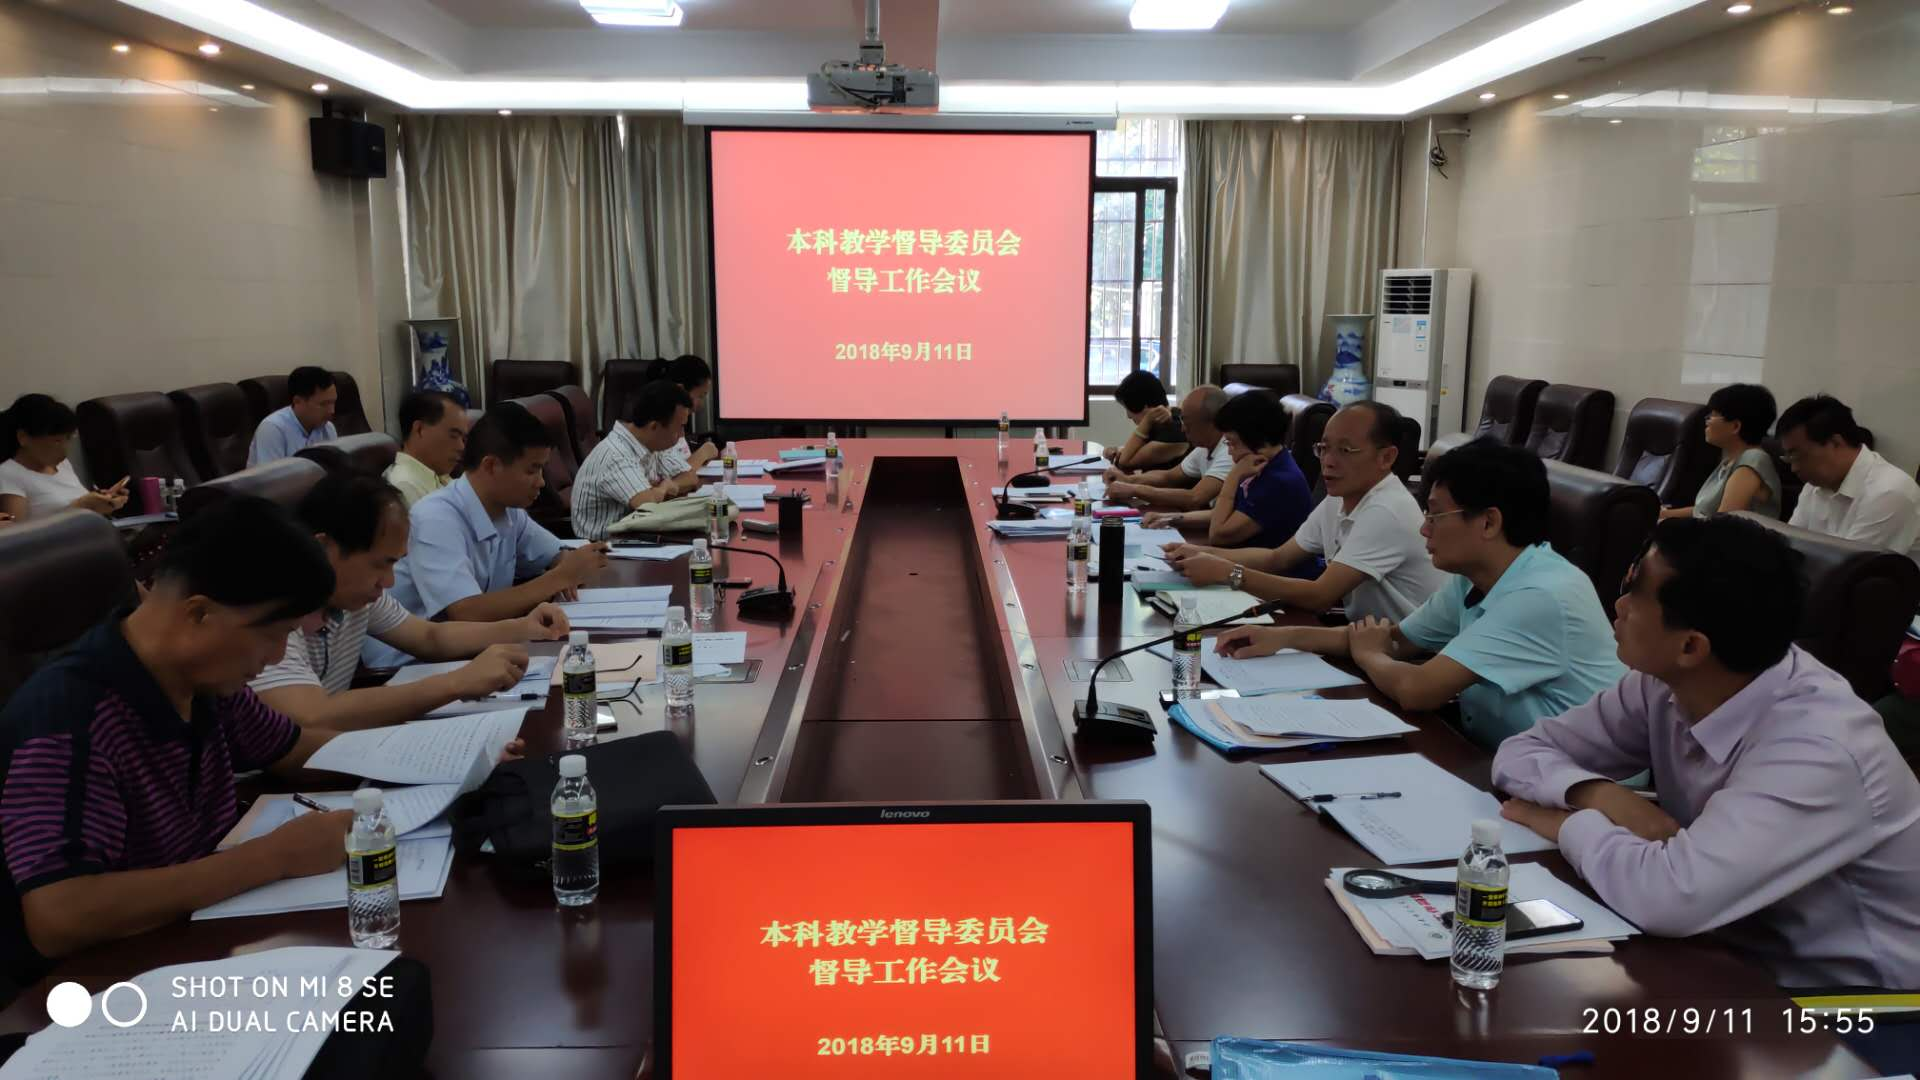 本科教学督导委员会召开加强专题学习的督导工作会议